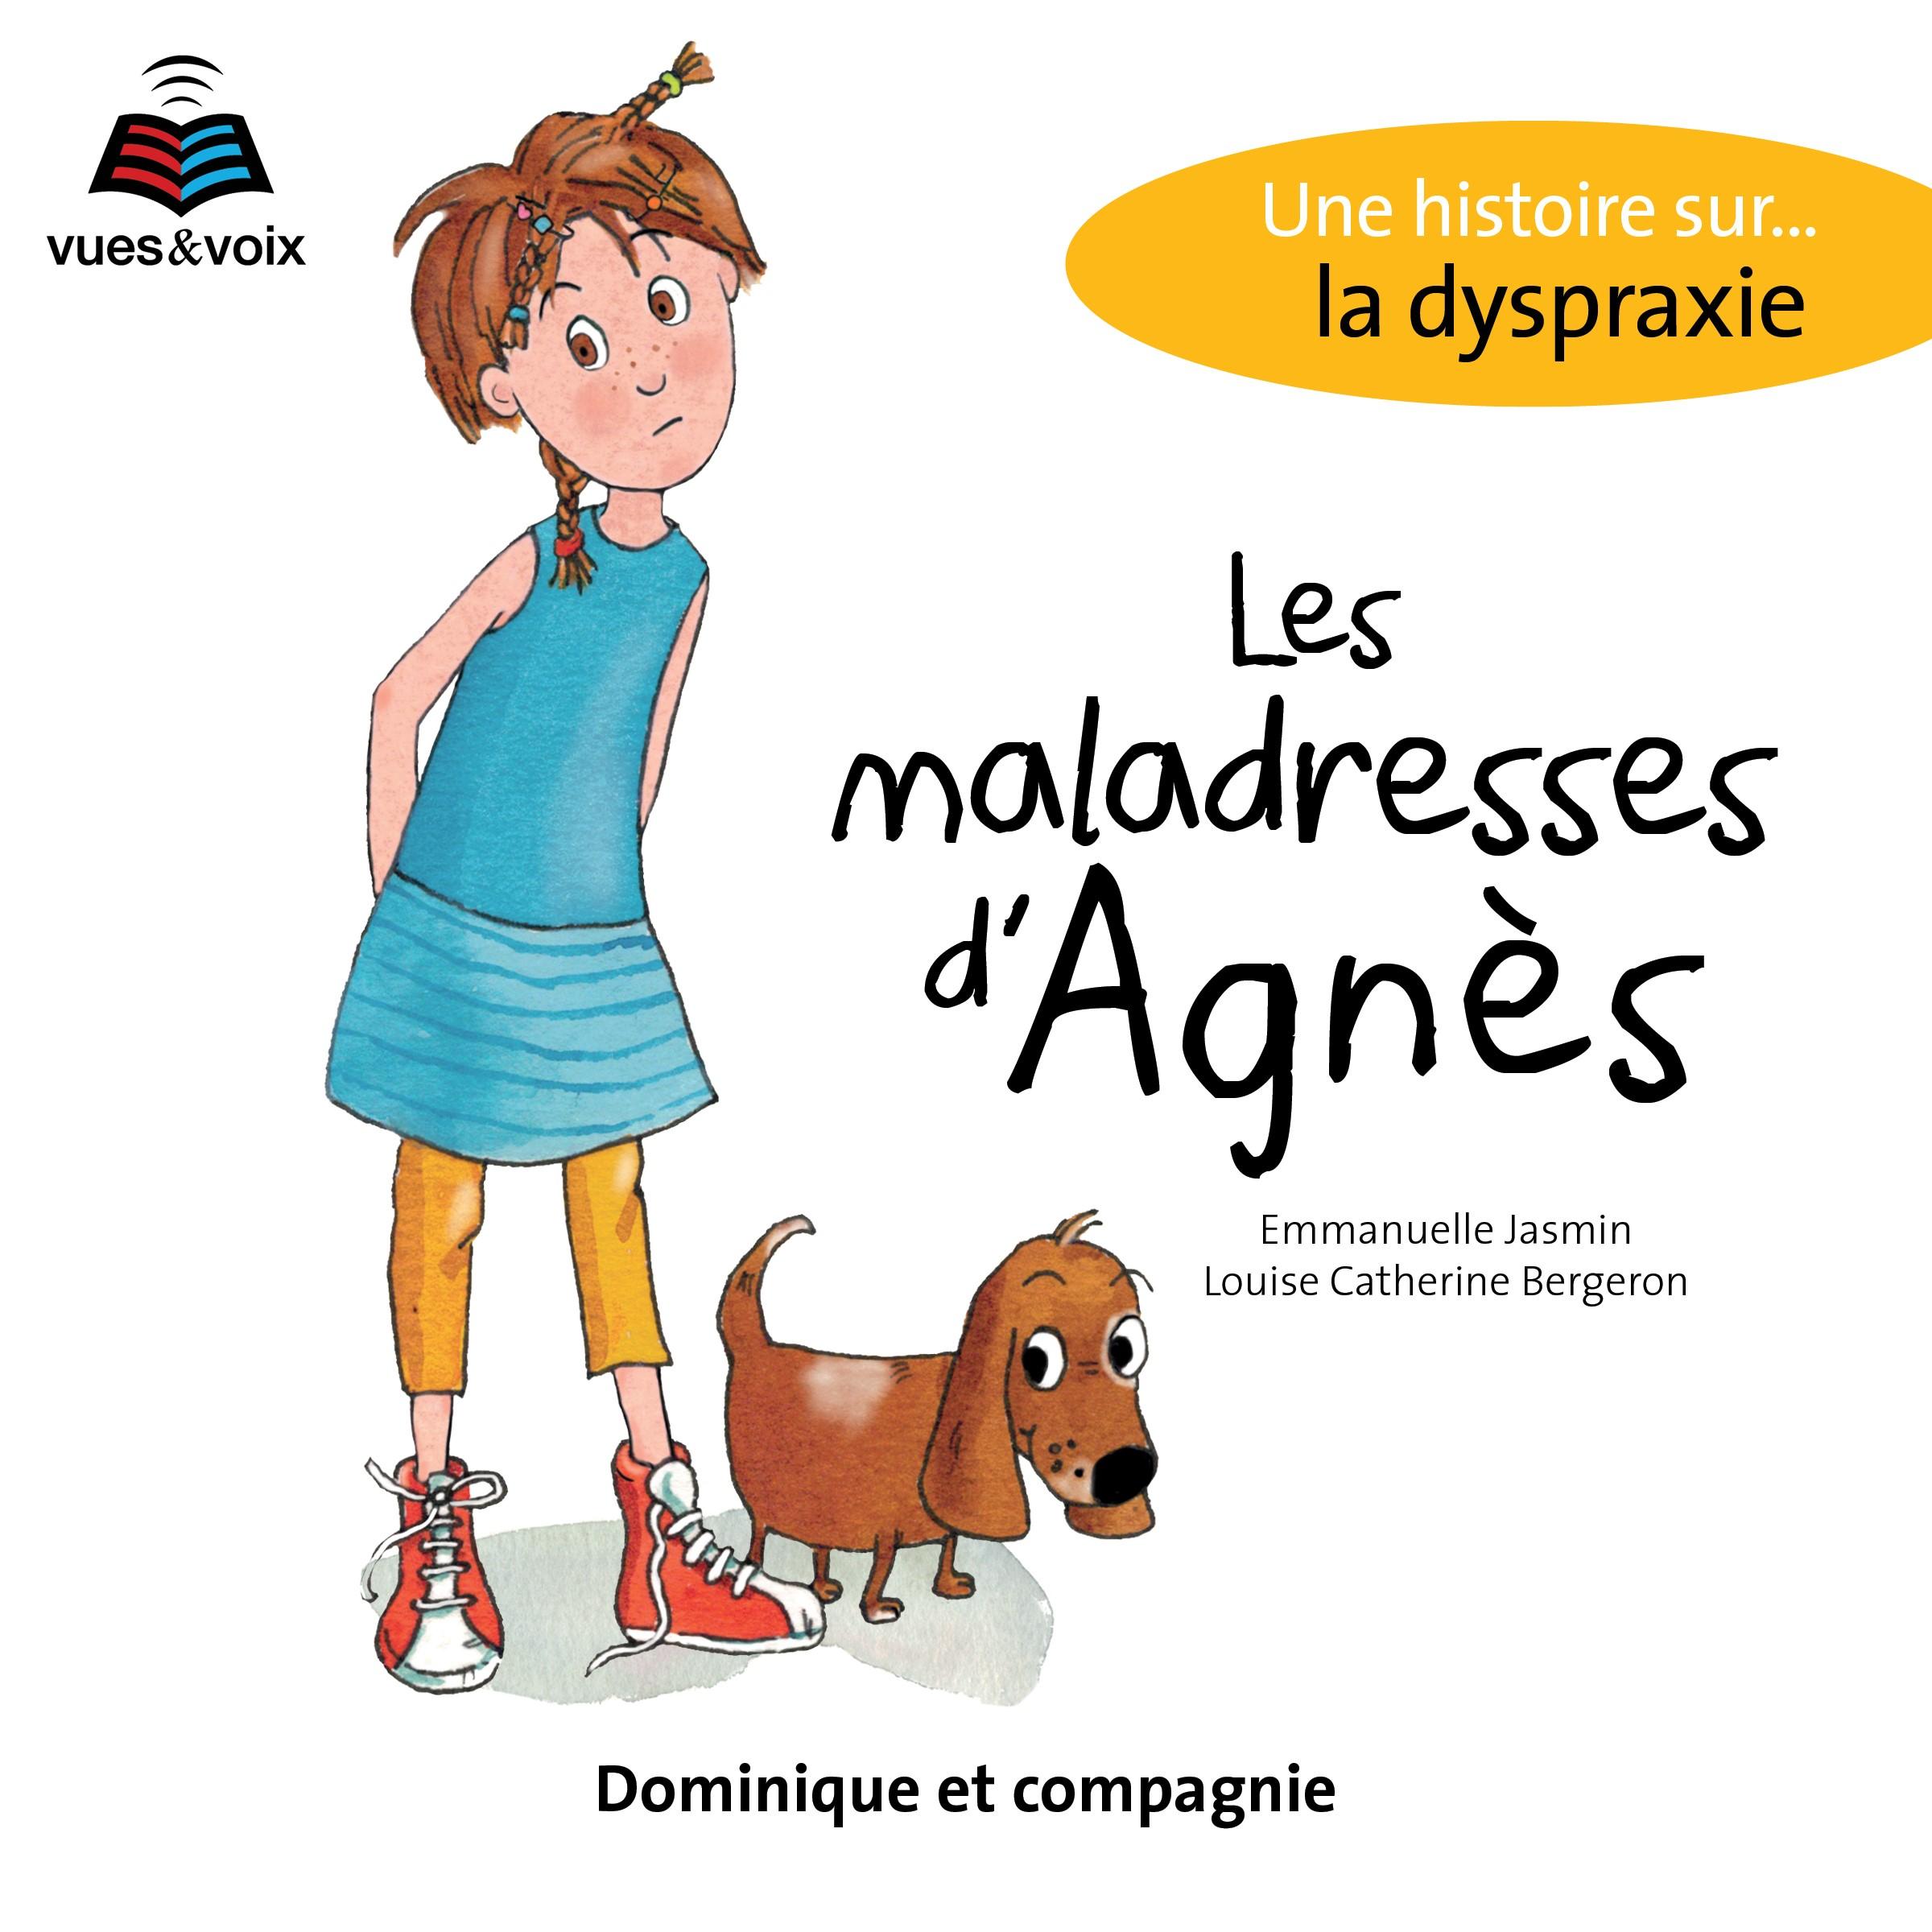 Les maladresses d'Agnès: une histoire sur... la dyspraxie